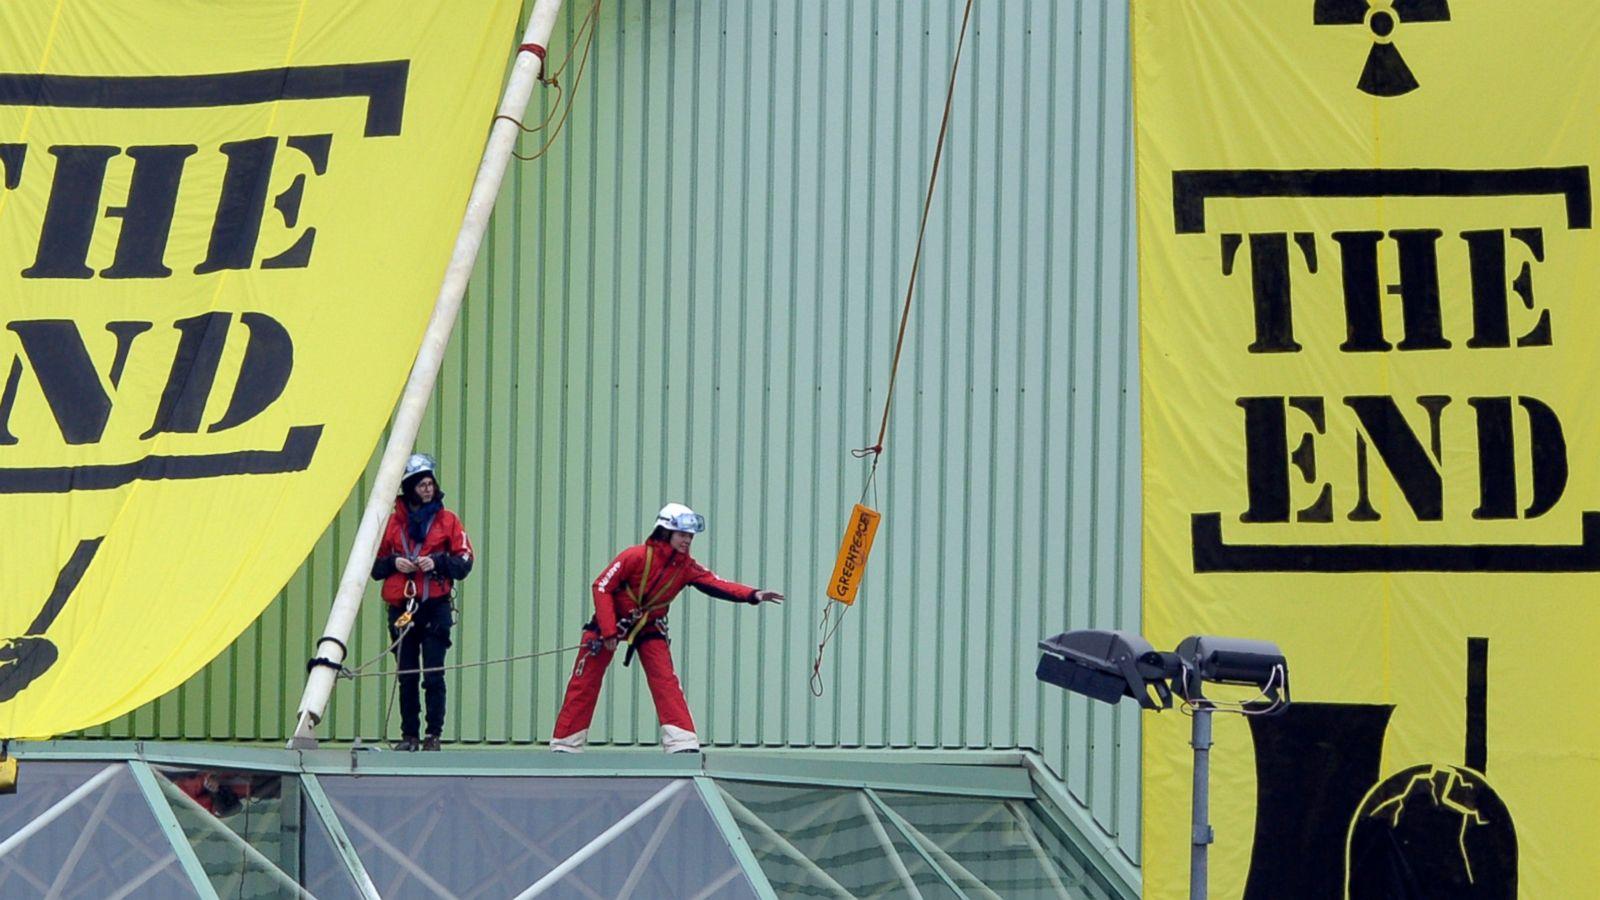 Οι Ελβετοί αποφάσισαν να συνεχιστεί η παραγωγή της πυρηνικής ενέργειας